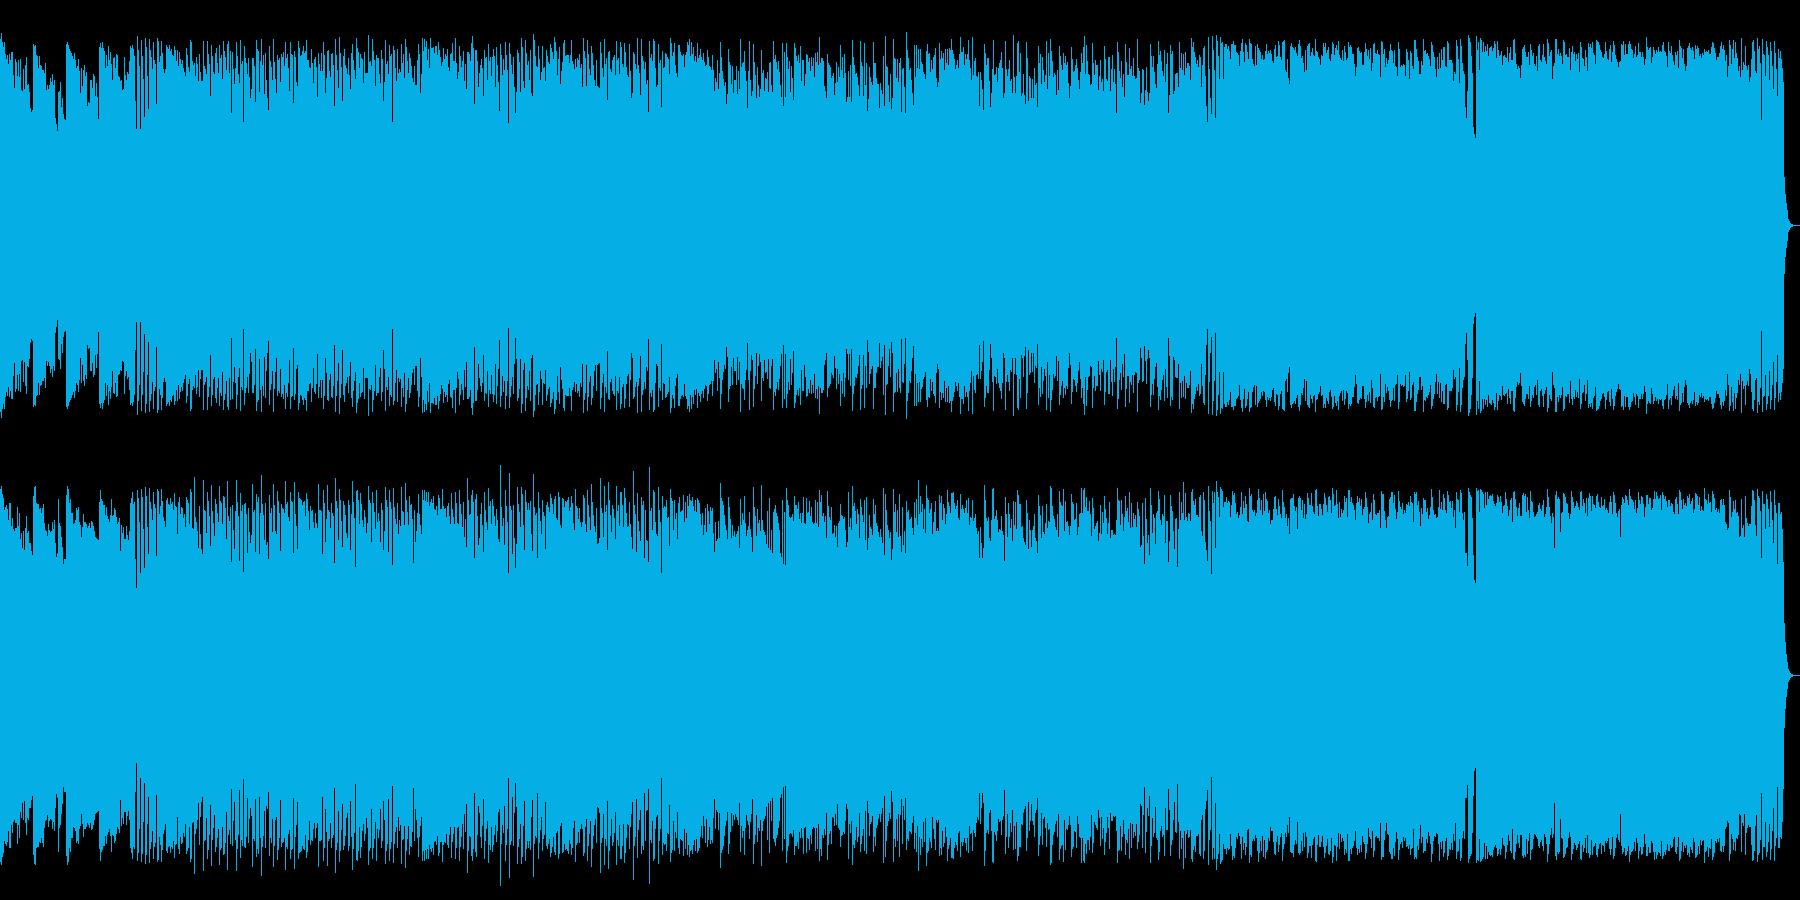 爽やかで柔らかい感じの曲です。の再生済みの波形